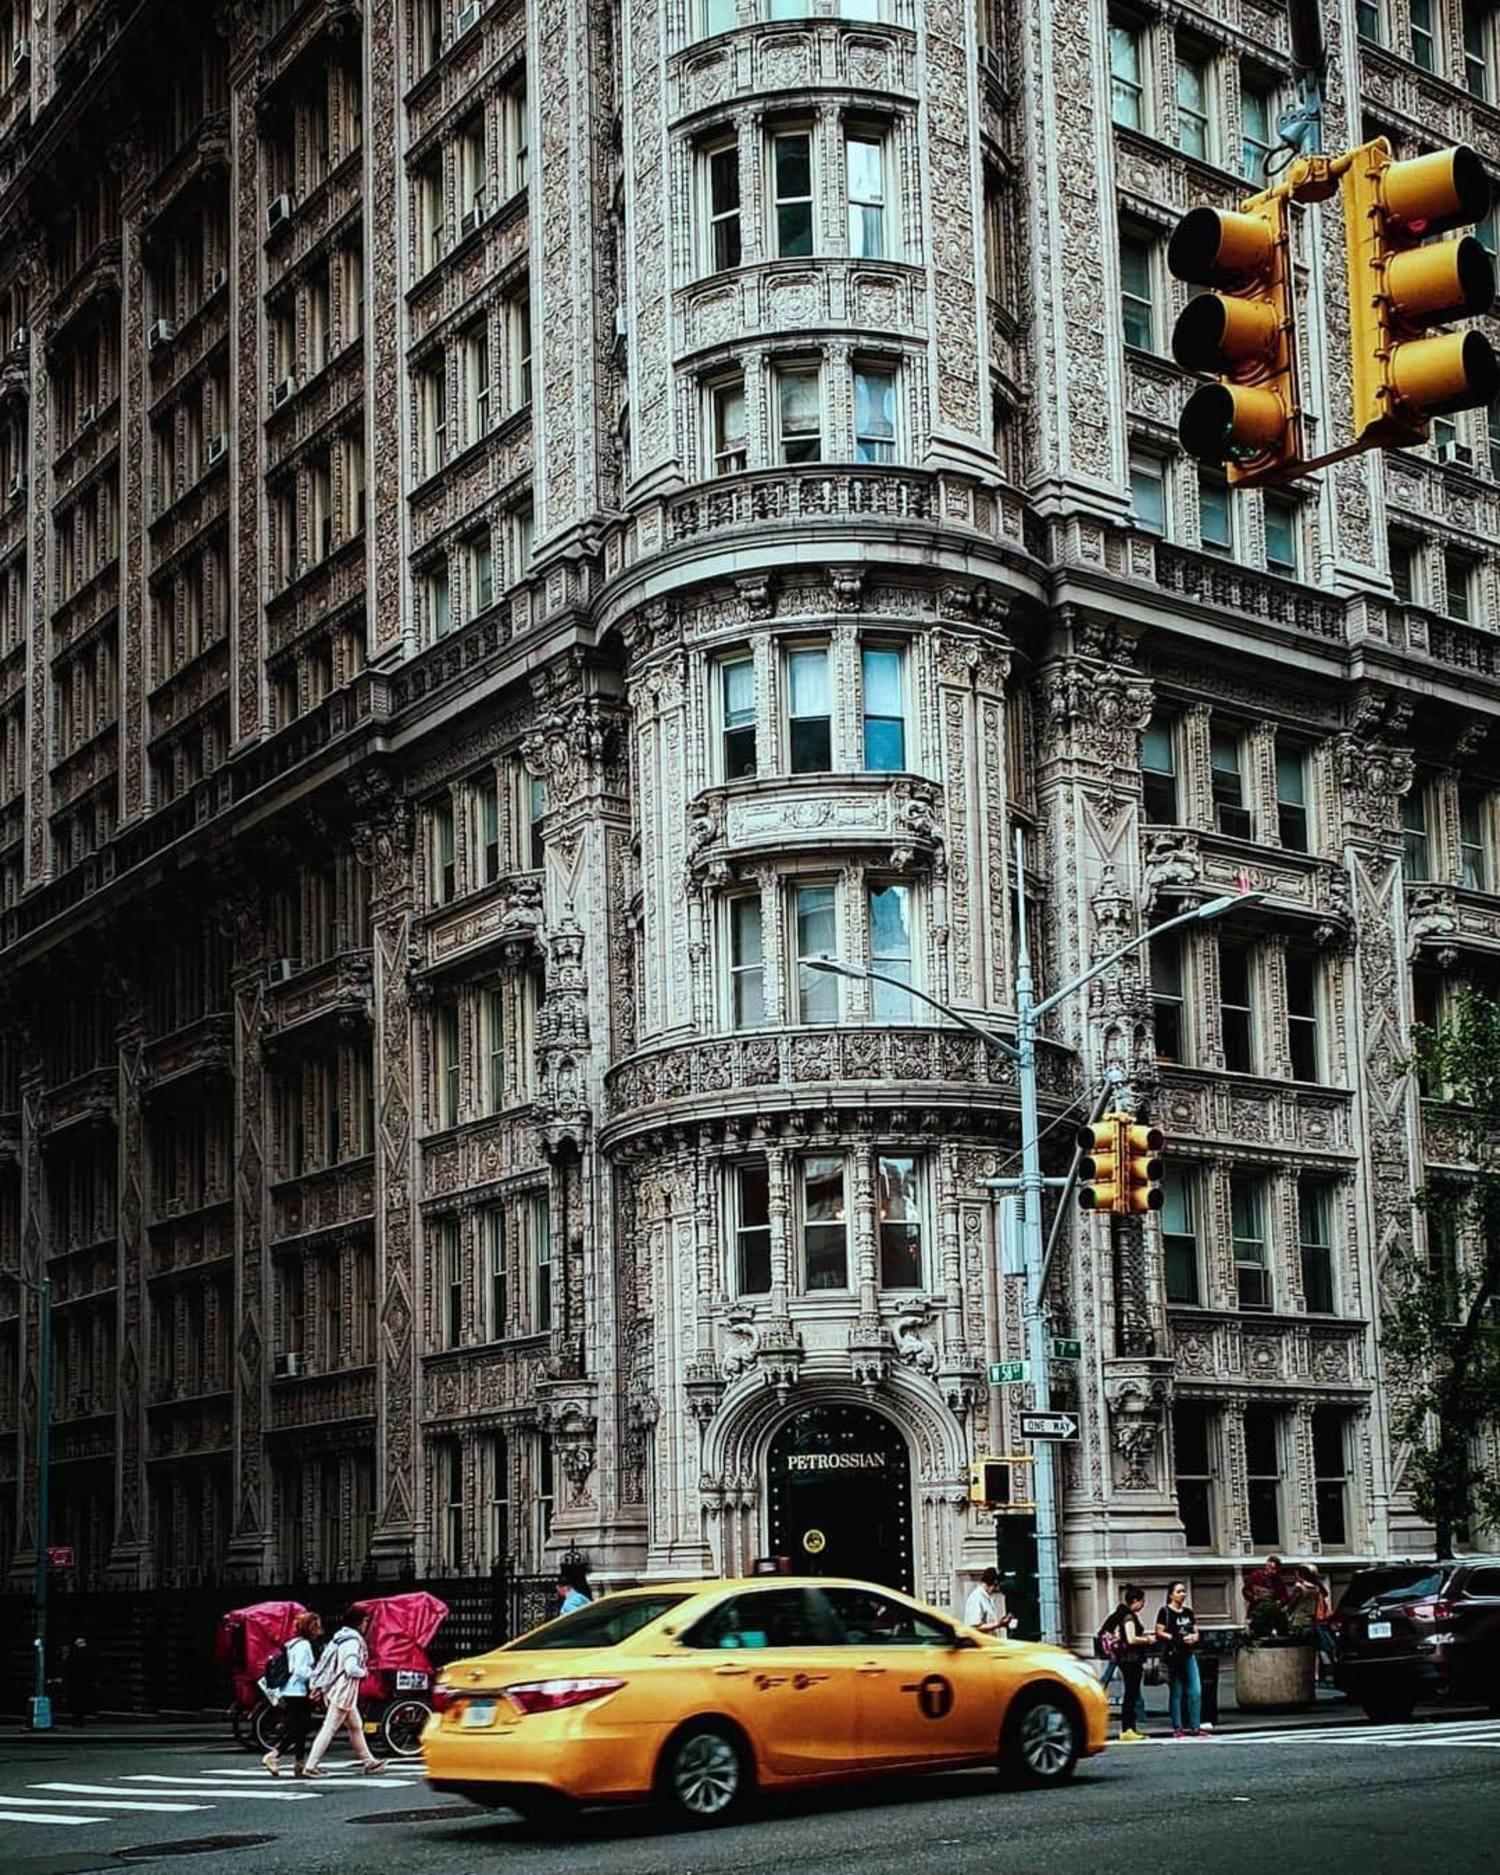 Alwyn Court, Midtown, Manhattan. Photo via @m_bautista #viewingnyc #newyork #newyorkcity #nyc #alwyncourt